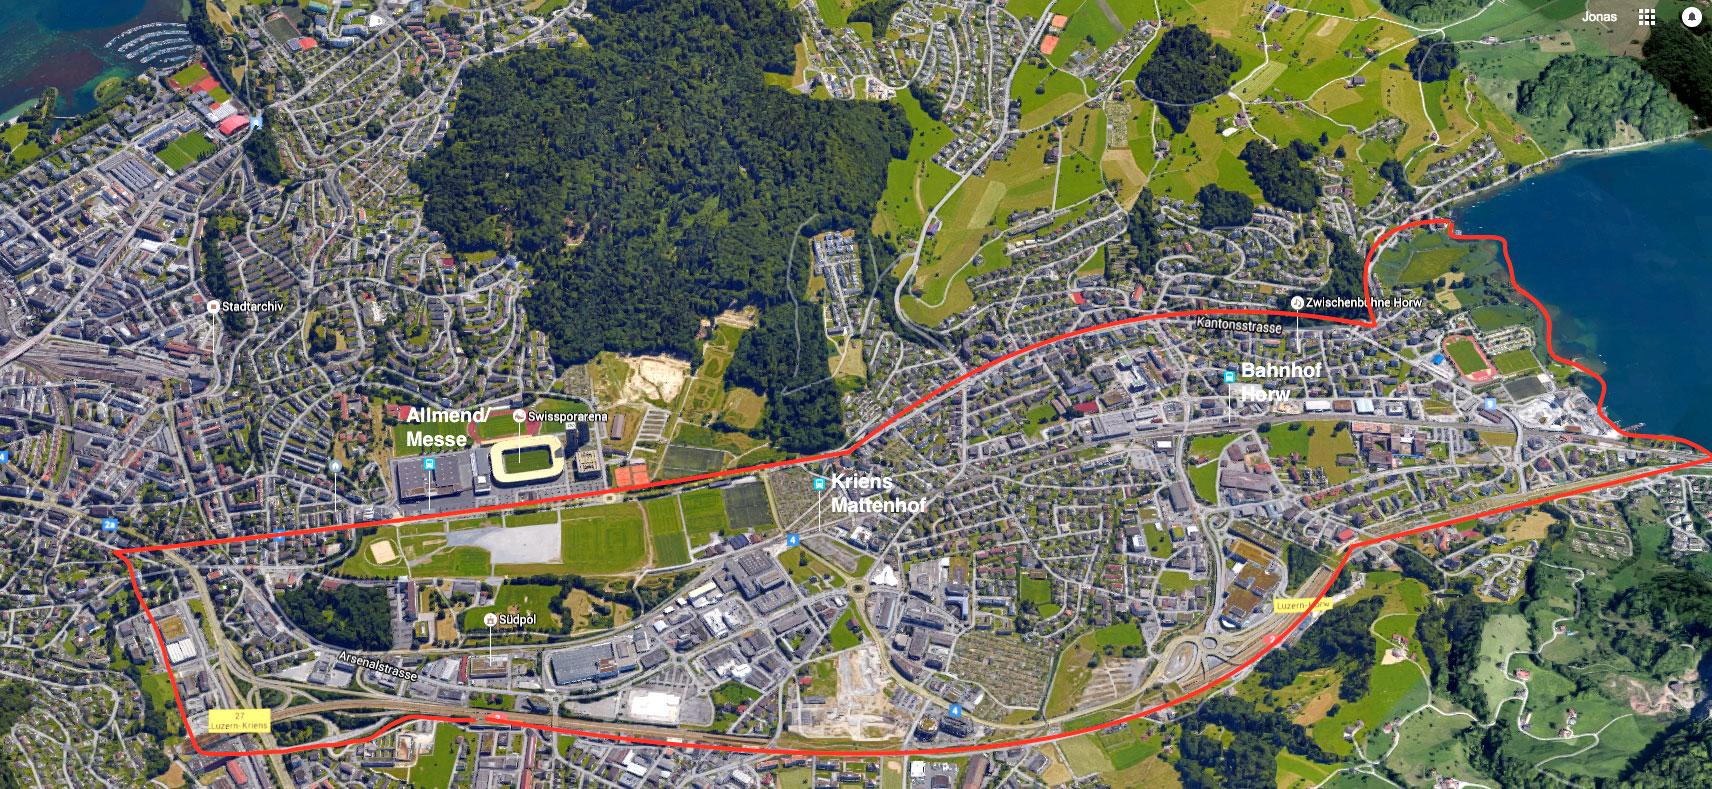 Das Gebiet Luzern Süd: Hier, zwischen Luzern, Horw und Kriens, soll sich die Einwohnerzahl verdoppeln.